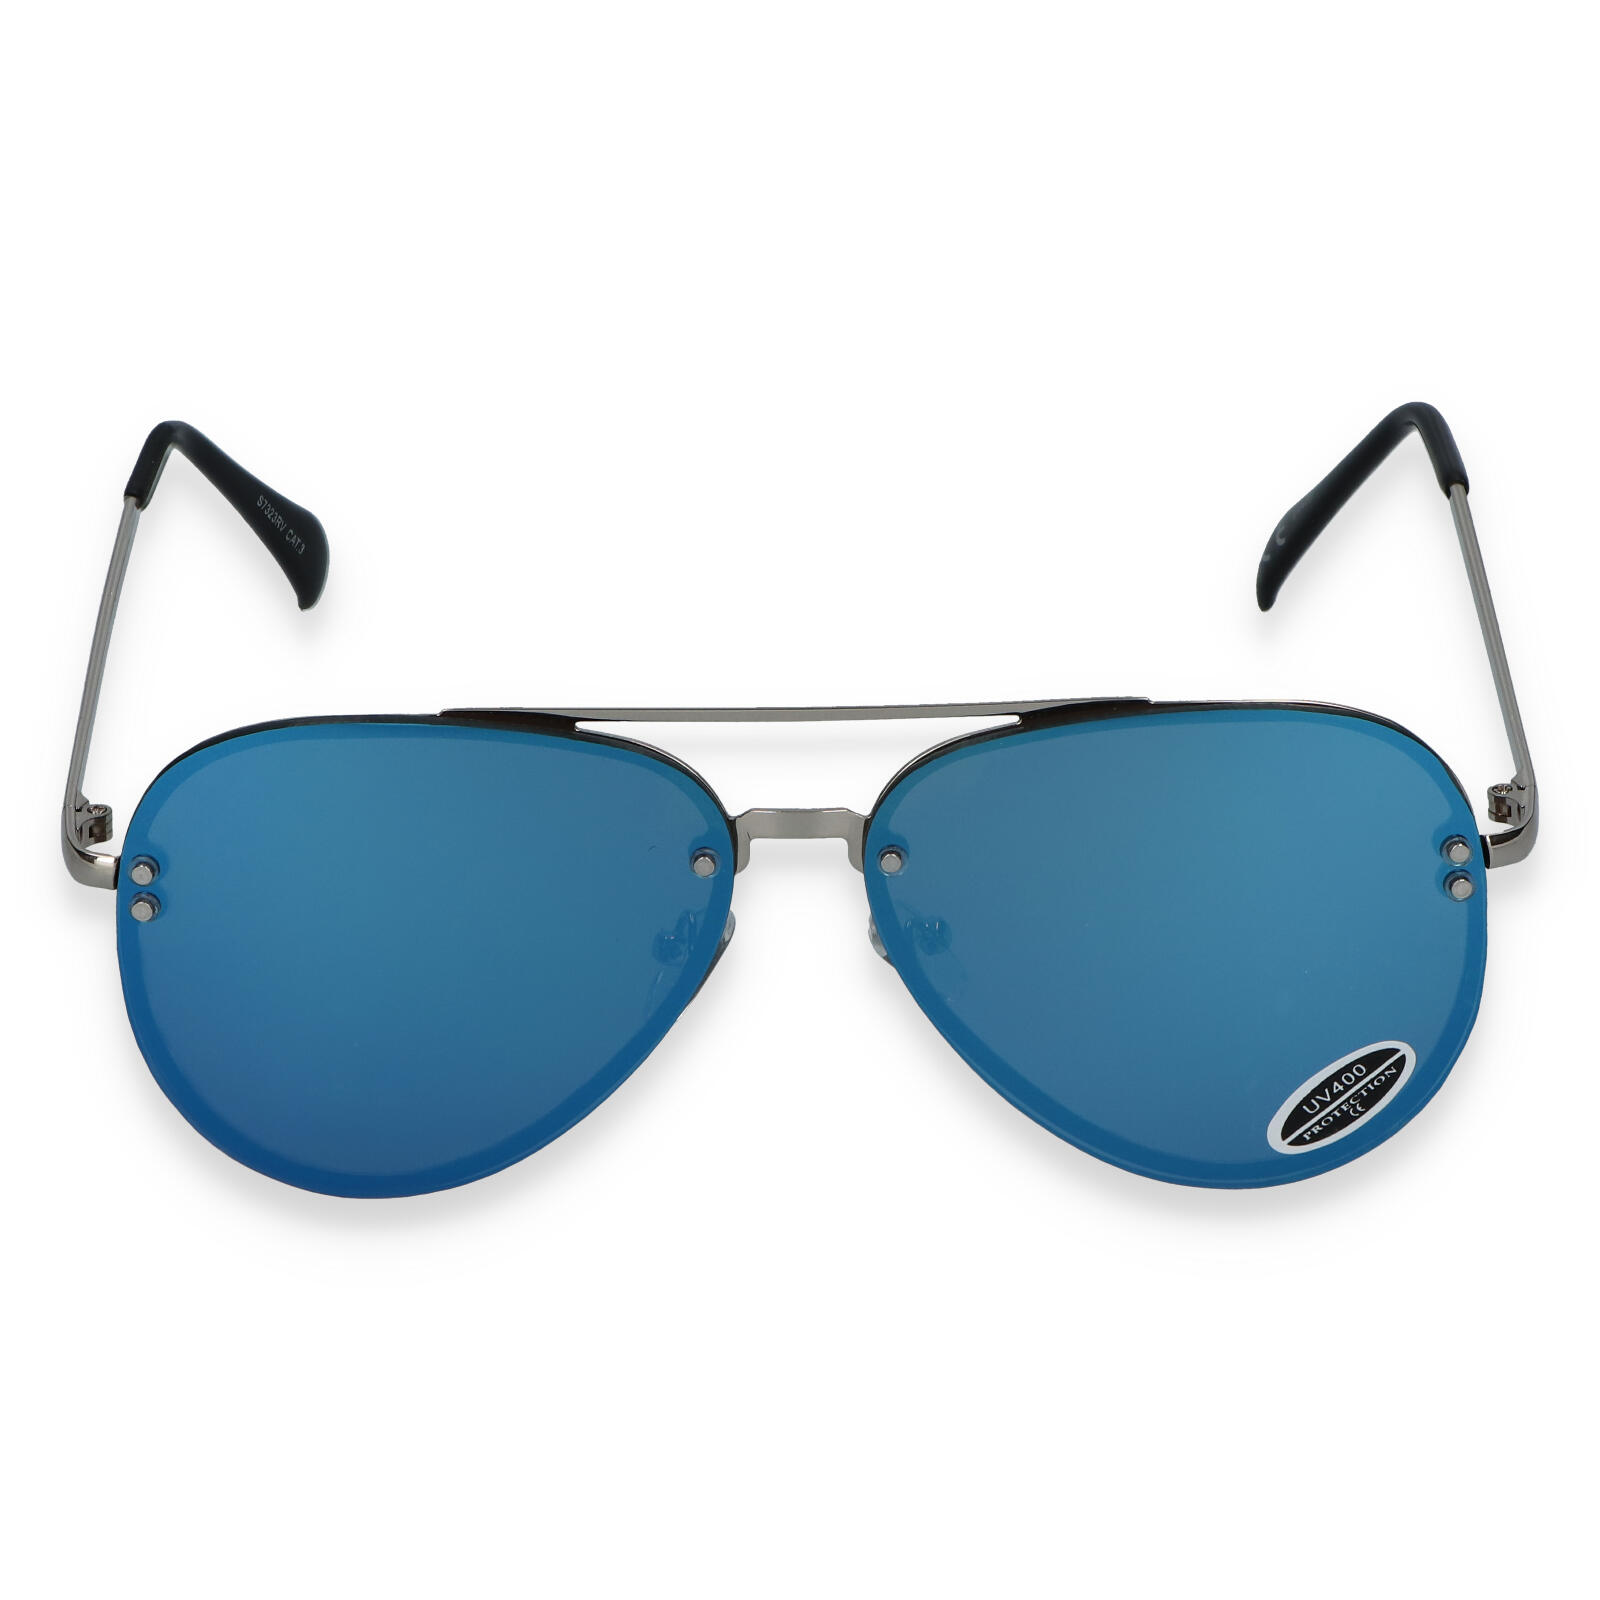 Dámské sluneční brýle modré - S3237